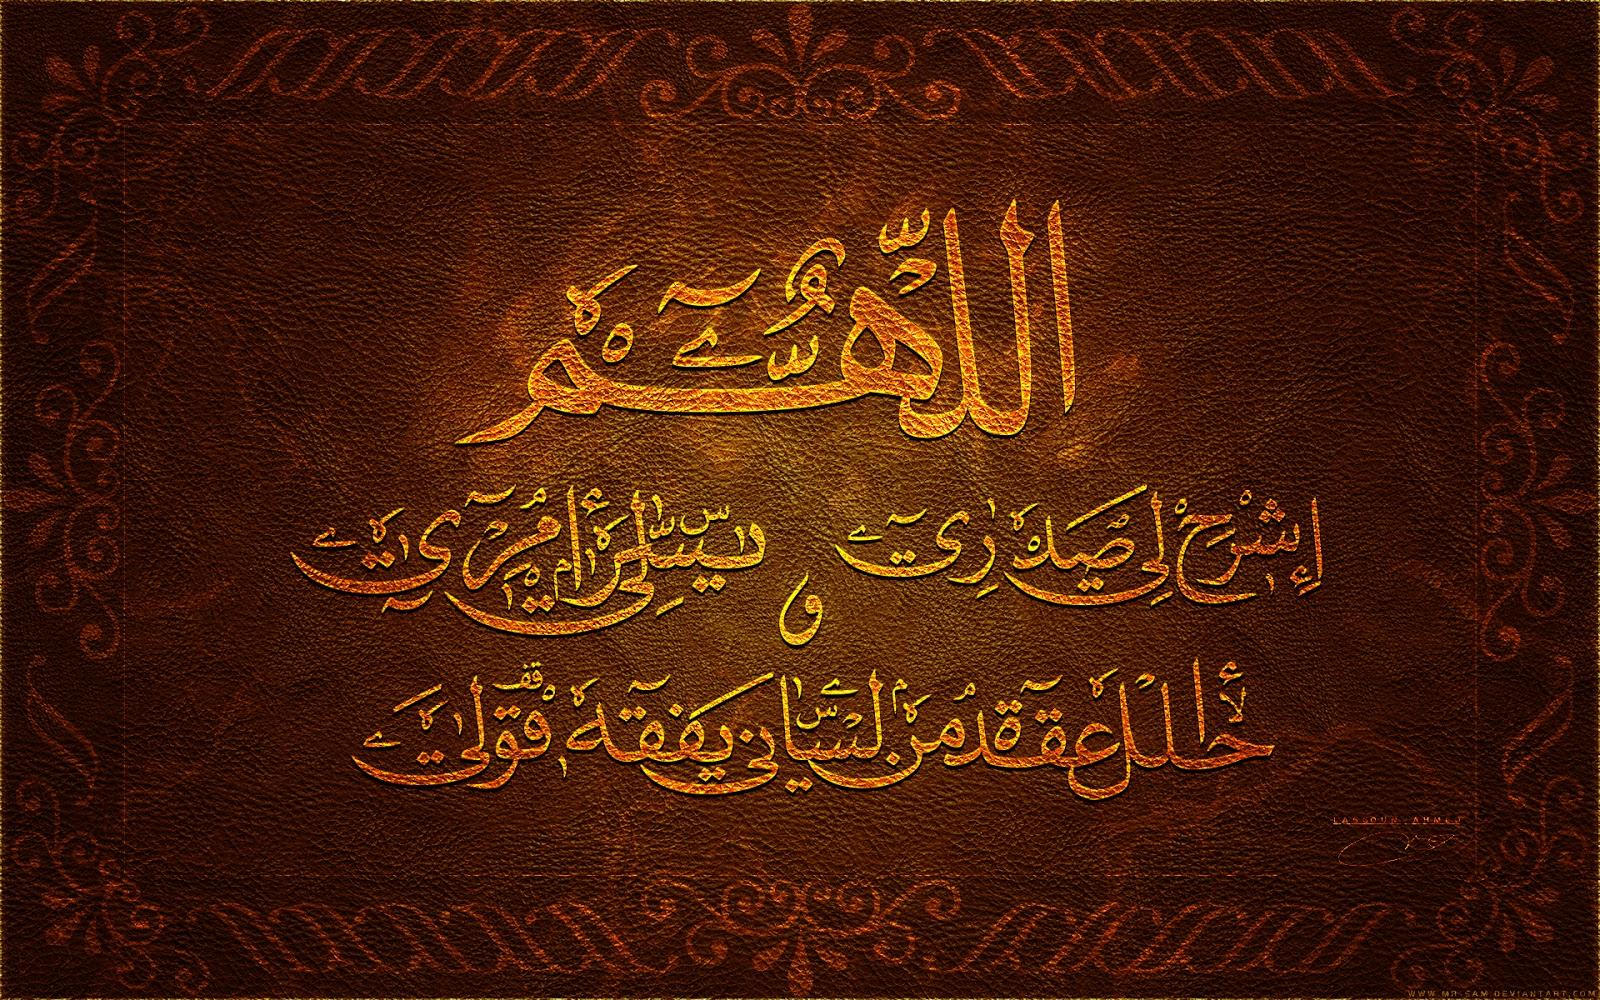 Download Gambar 10 Wallpaper Islami Keren Dan Gratis ...